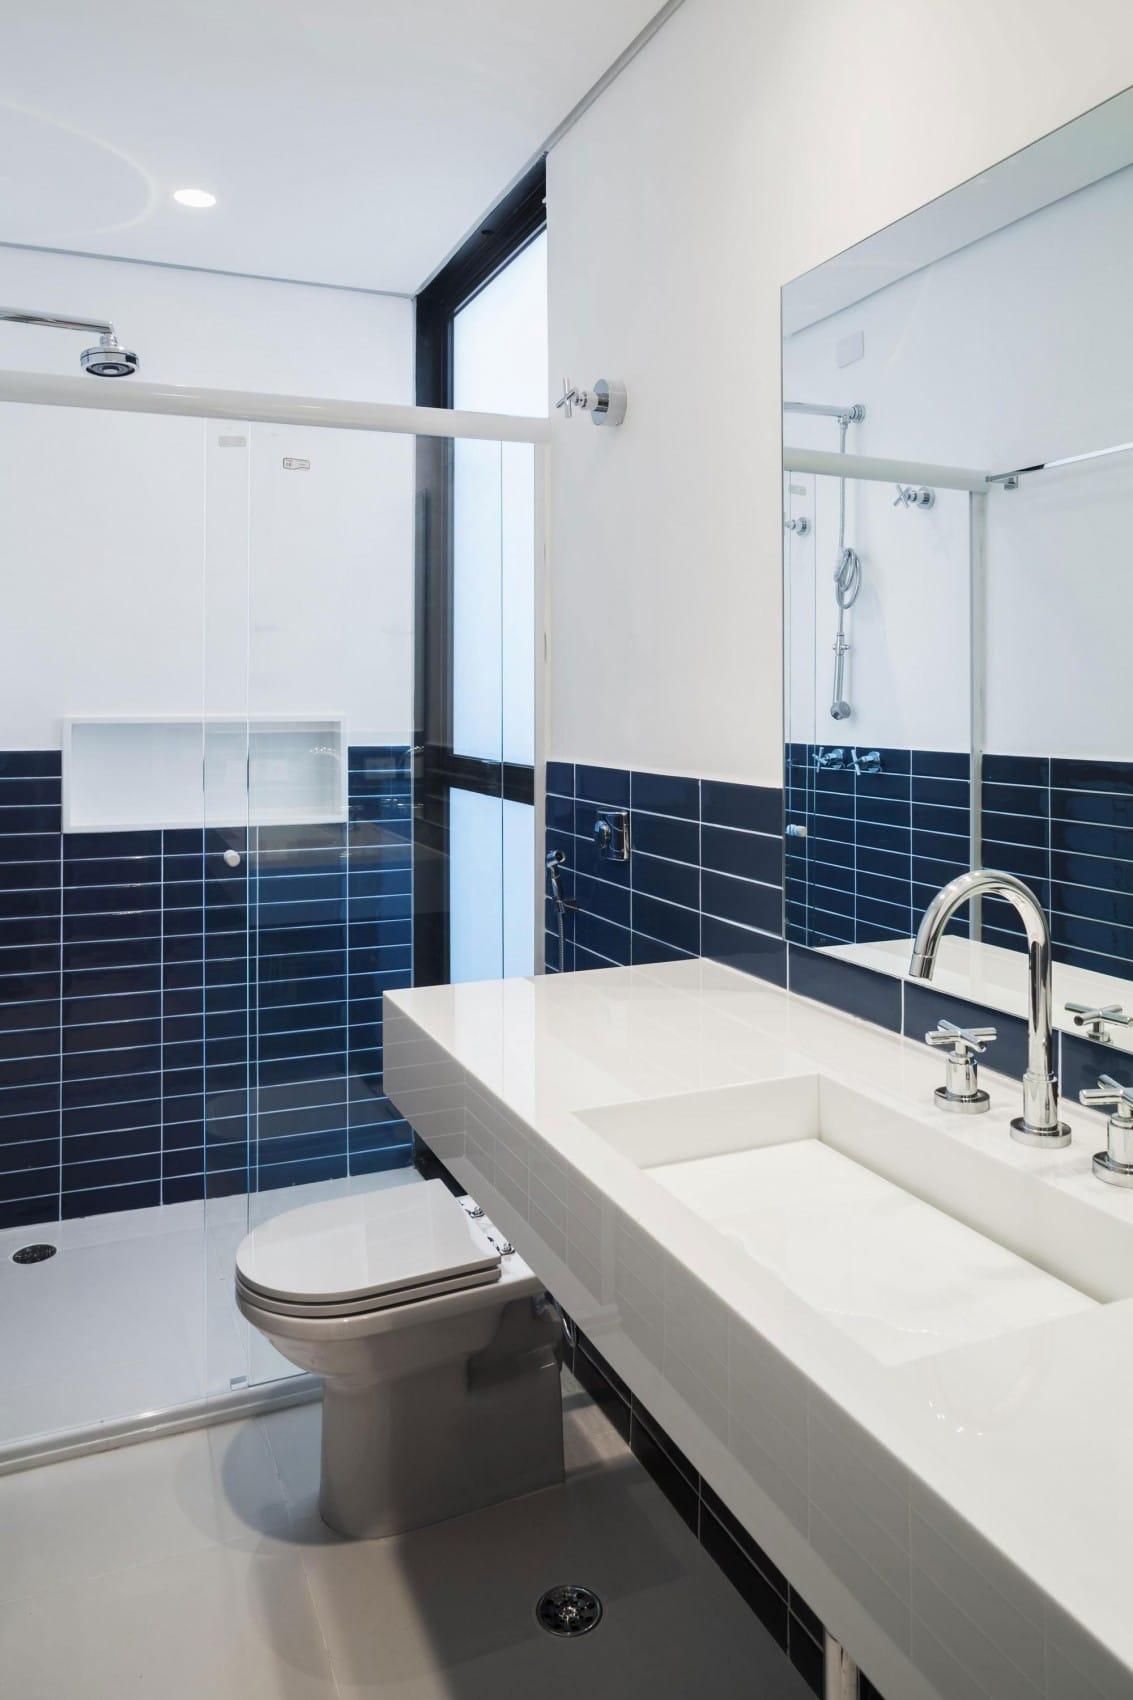 Diseno De Baños Para Casa Habitacion:Diseño de moderno cuarto de baño con sanitarios blancos